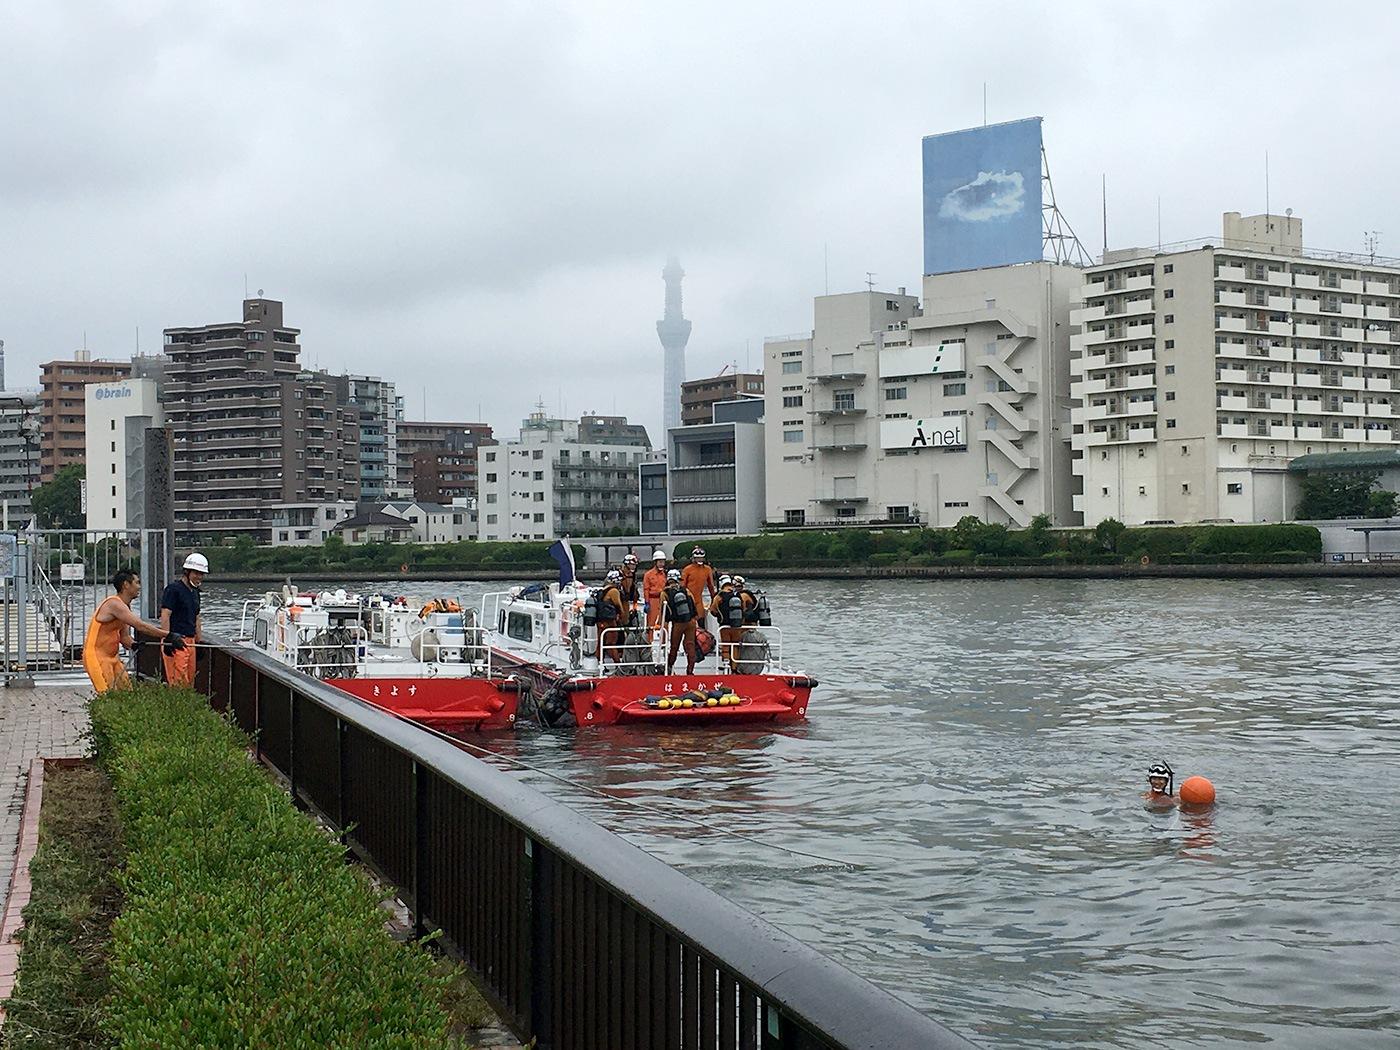 (2020/06/23〜)「日本橋消防署 浜町出張所の消防艇」